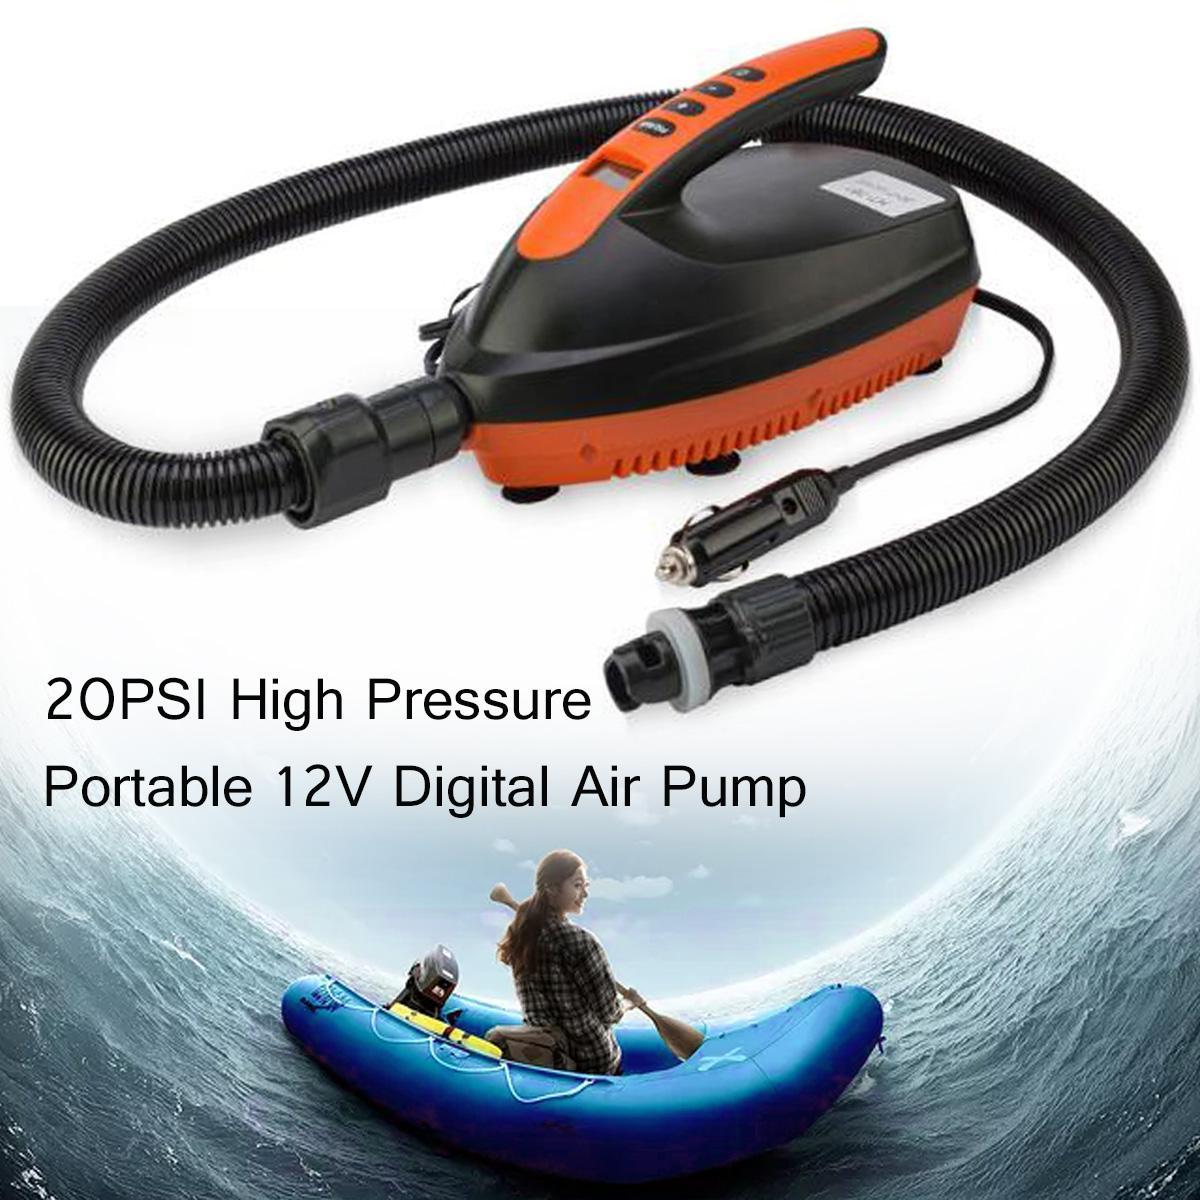 Pompe à Air électrique portative à haute pression de pompe gonflable de voiture de 12 V 20 PS avec 6 becs pour le conseil de palette de Kayak de SUP